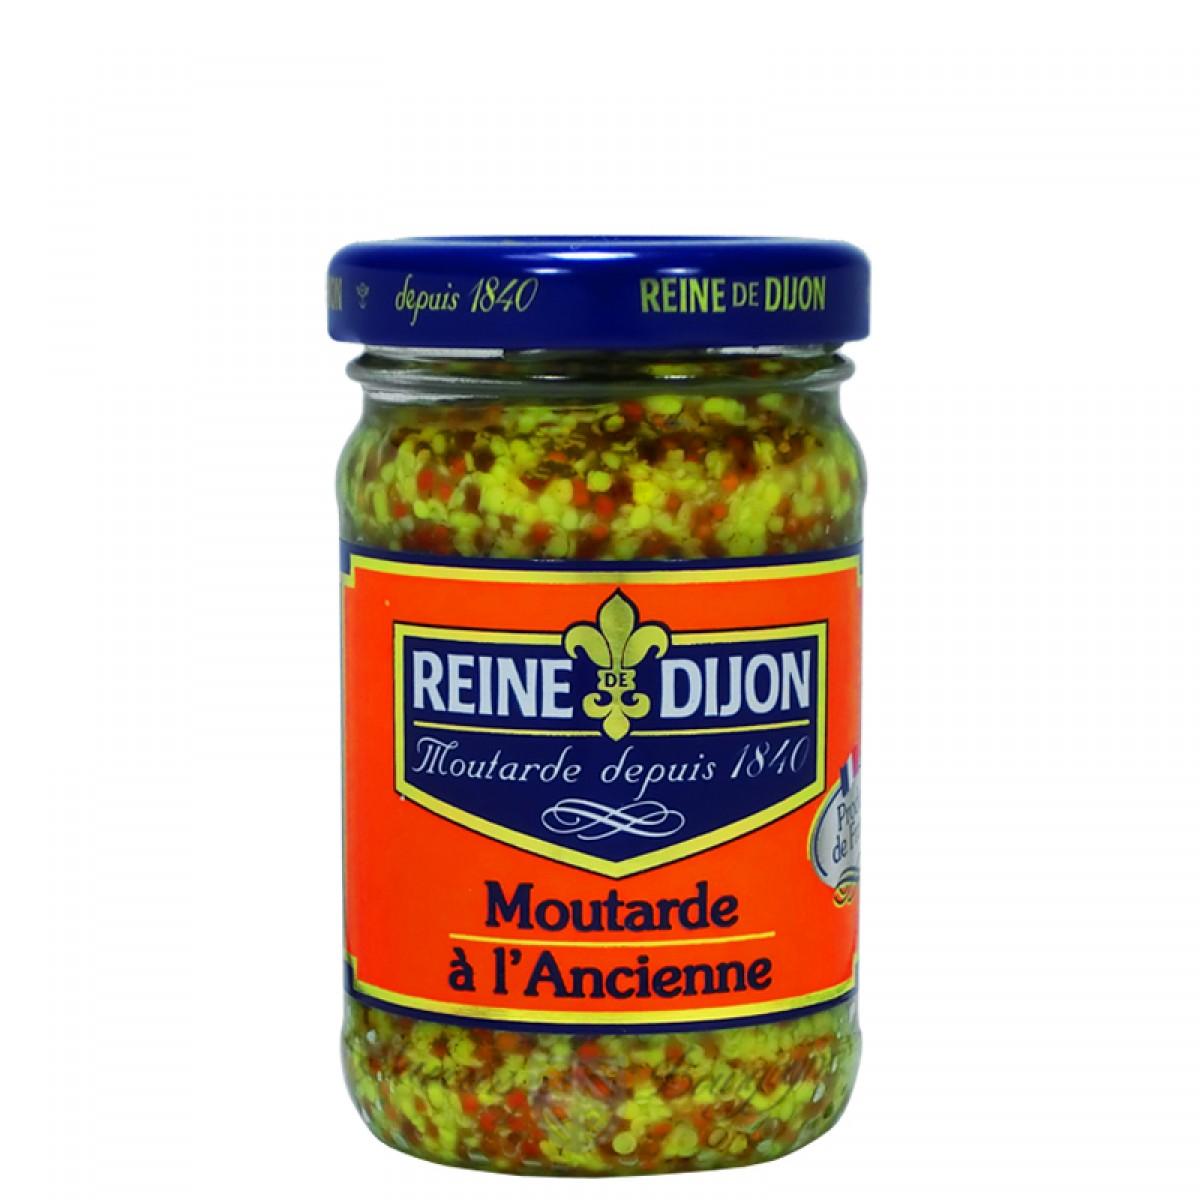 Moutarde ancienne 90g moutarde saveurs de bourgogne vente de produits d - Moutarde fallot vente ...